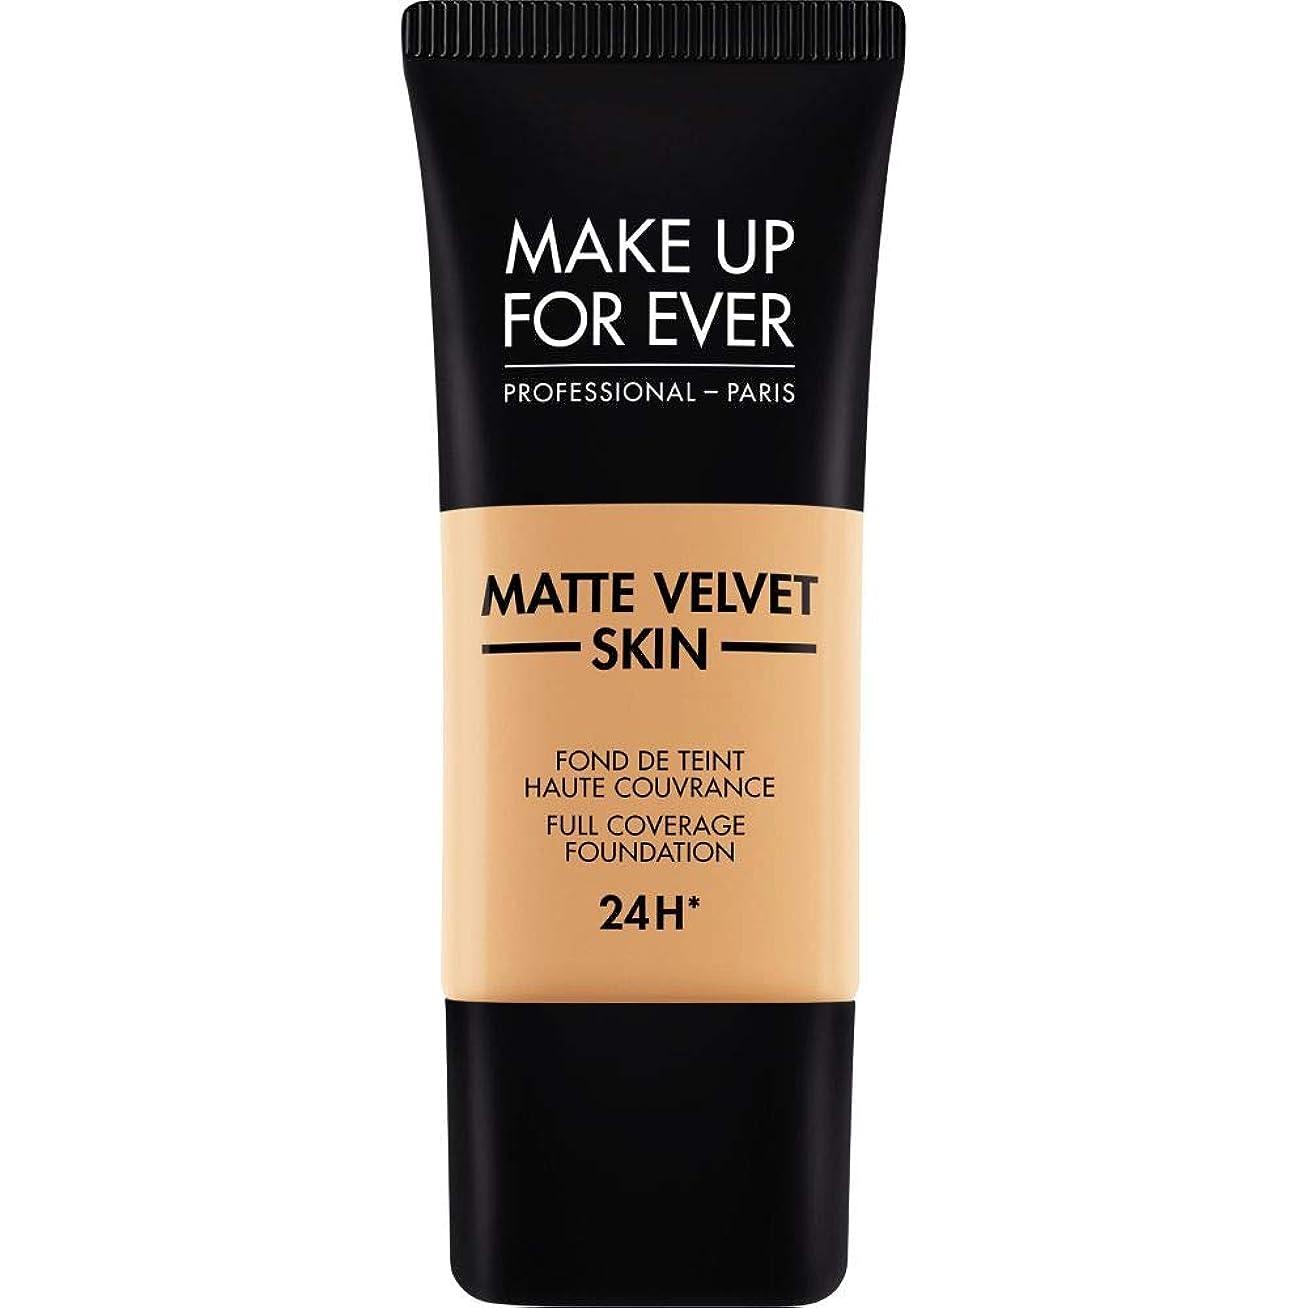 スリムその水を飲む[MAKE UP FOR EVER ] 黄金の砂 - これまでマットベルベットの皮膚のフルカバレッジ基礎30ミリリットルのY375を補います - MAKE UP FOR EVER Matte Velvet Skin Full Coverage Foundation 30ml Y375 - Golden Sand [並行輸入品]